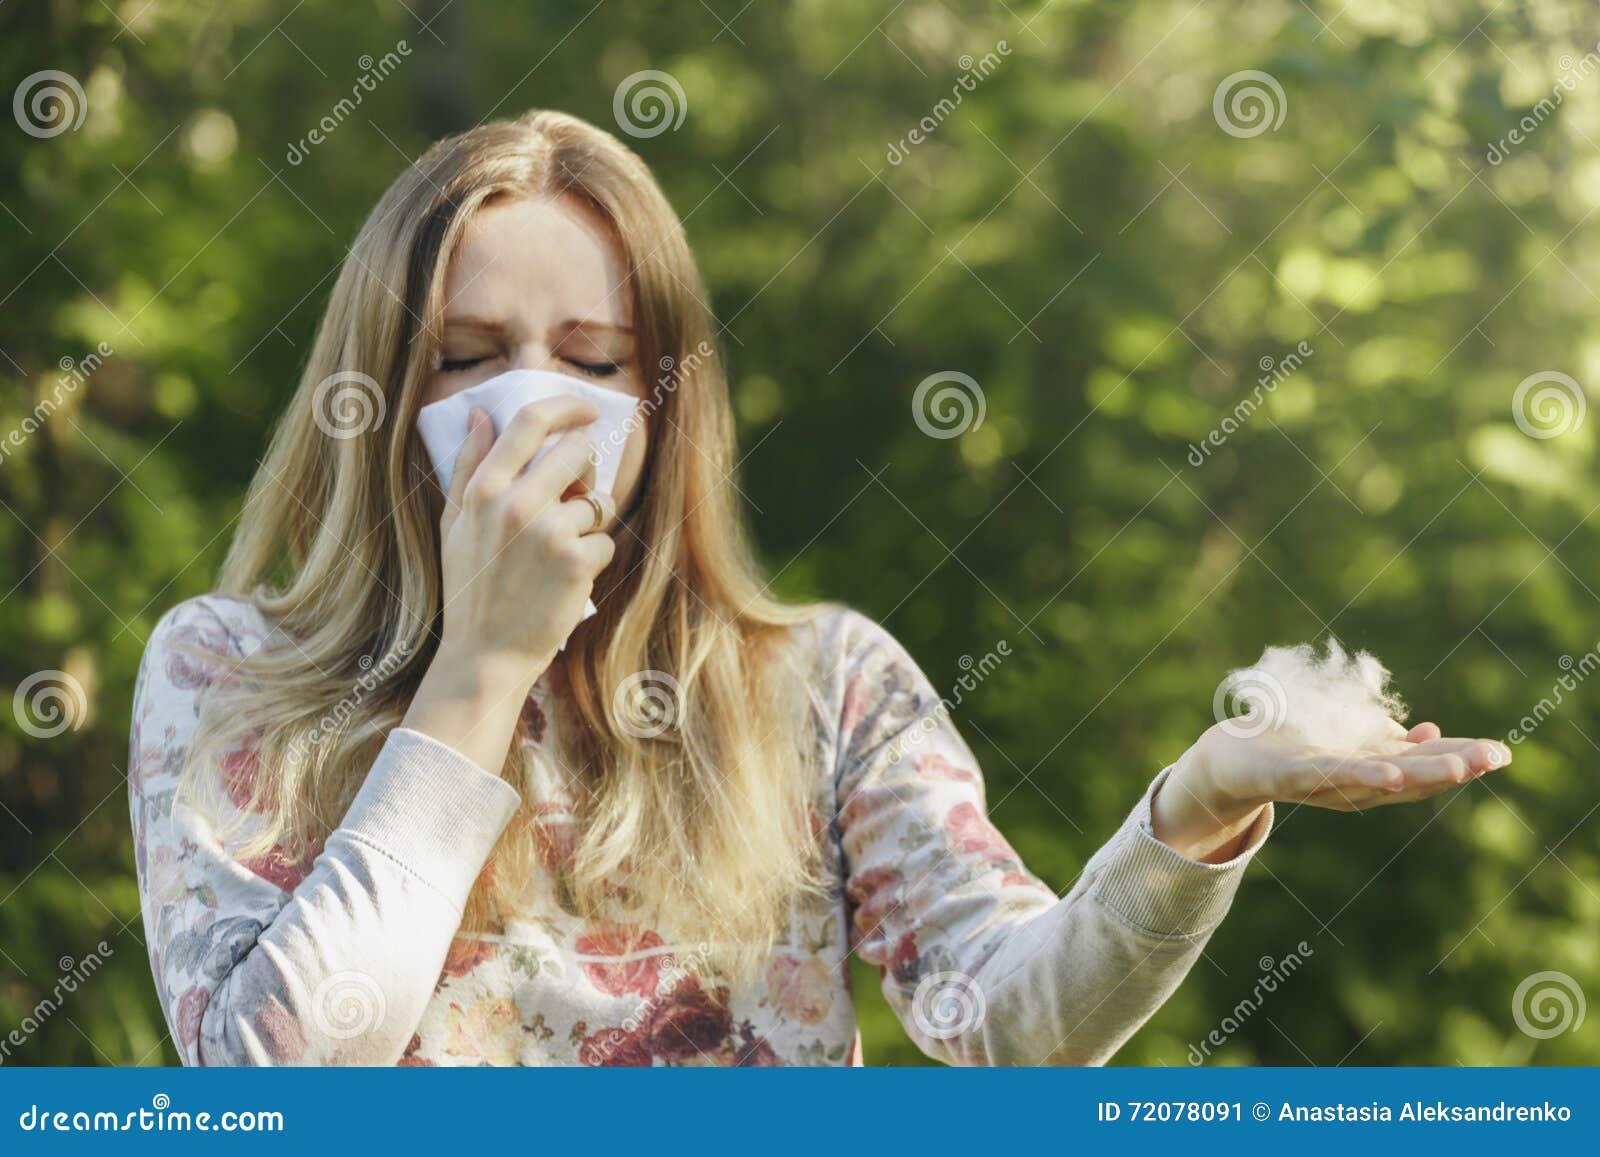 少妇遭受的春天花粉过敏